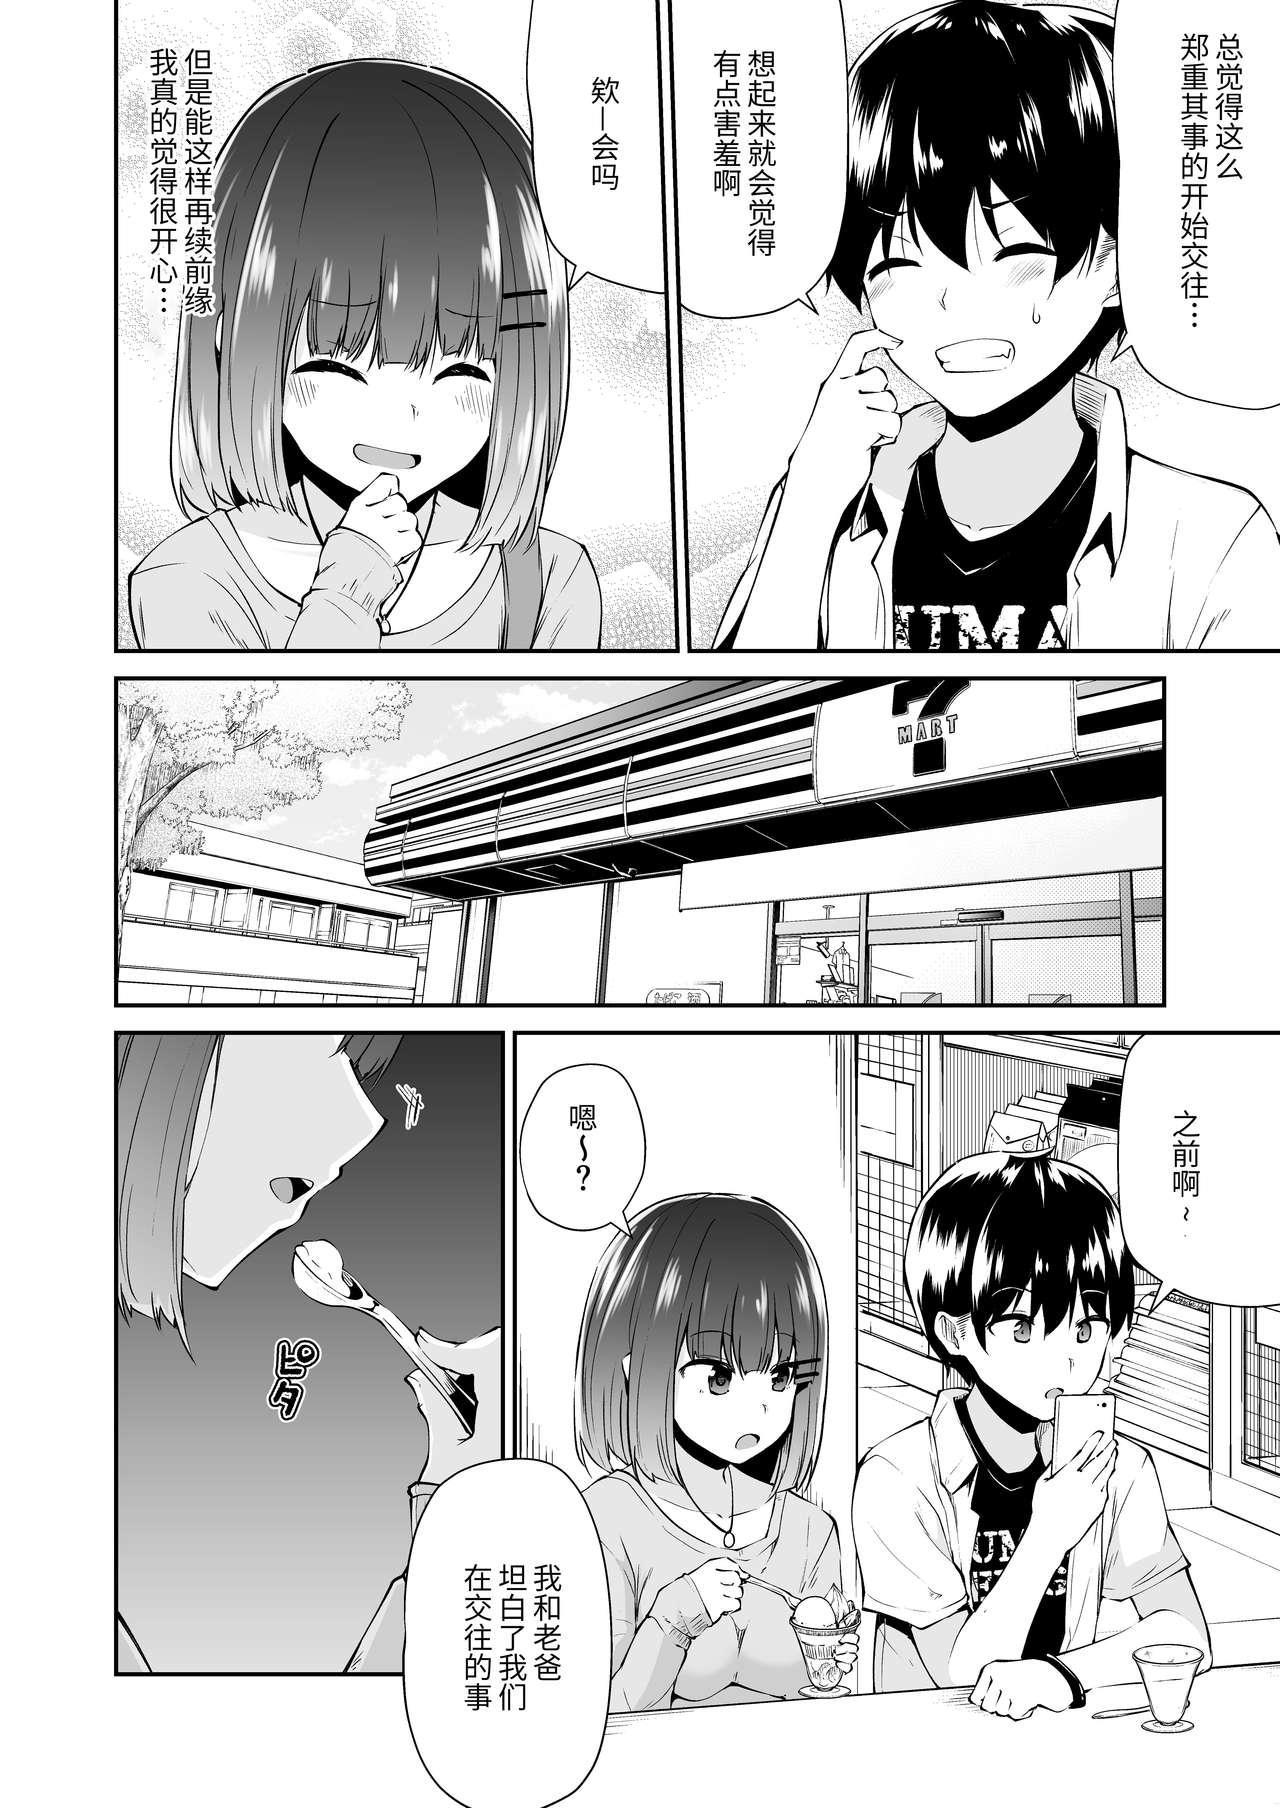 Chinkasu de kimaru Onna-tachi Comic Anthology 40